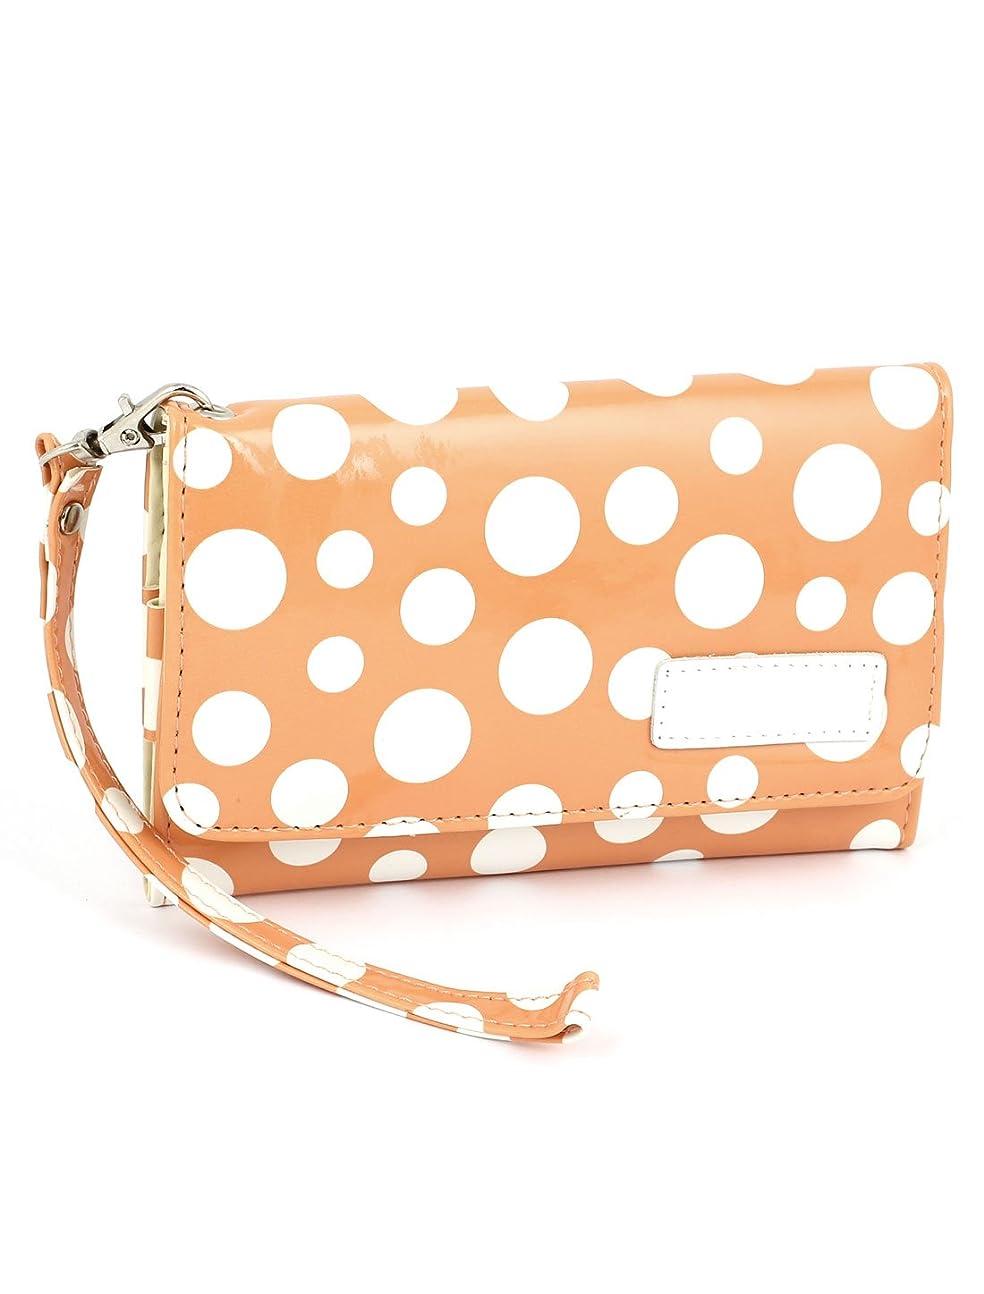 モナリザベールに慣れuxcell 電話財布 ストラップ付き レディ オレンジ 合皮 プレスボタン バックルドットパターン